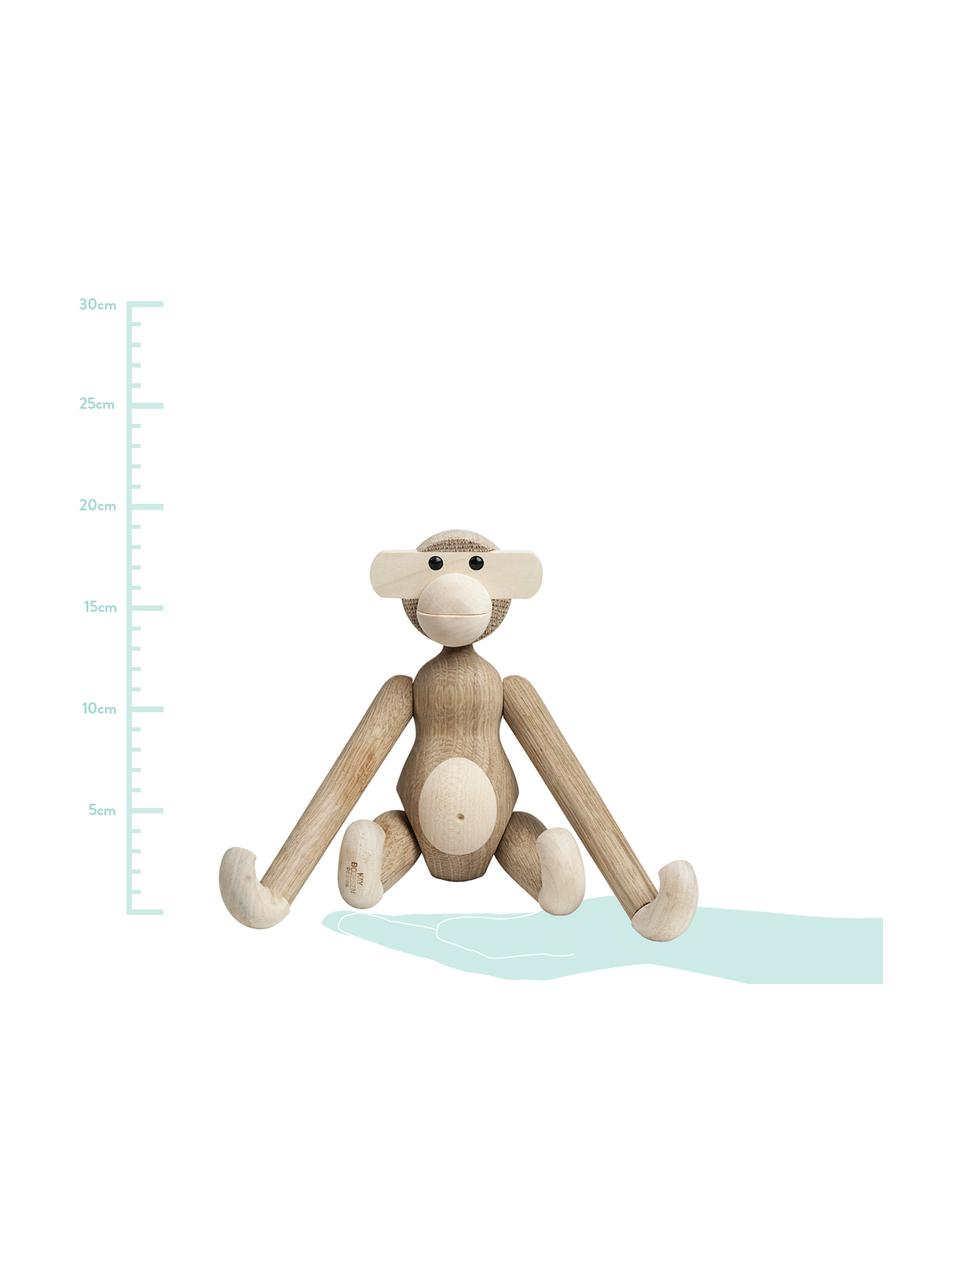 Designer-Deko-Objekt Monkey, Eichenholz, Eichenholz, Ahornholz, lackiert, Eichenholz, Ahornholz, 20 x 19 cm